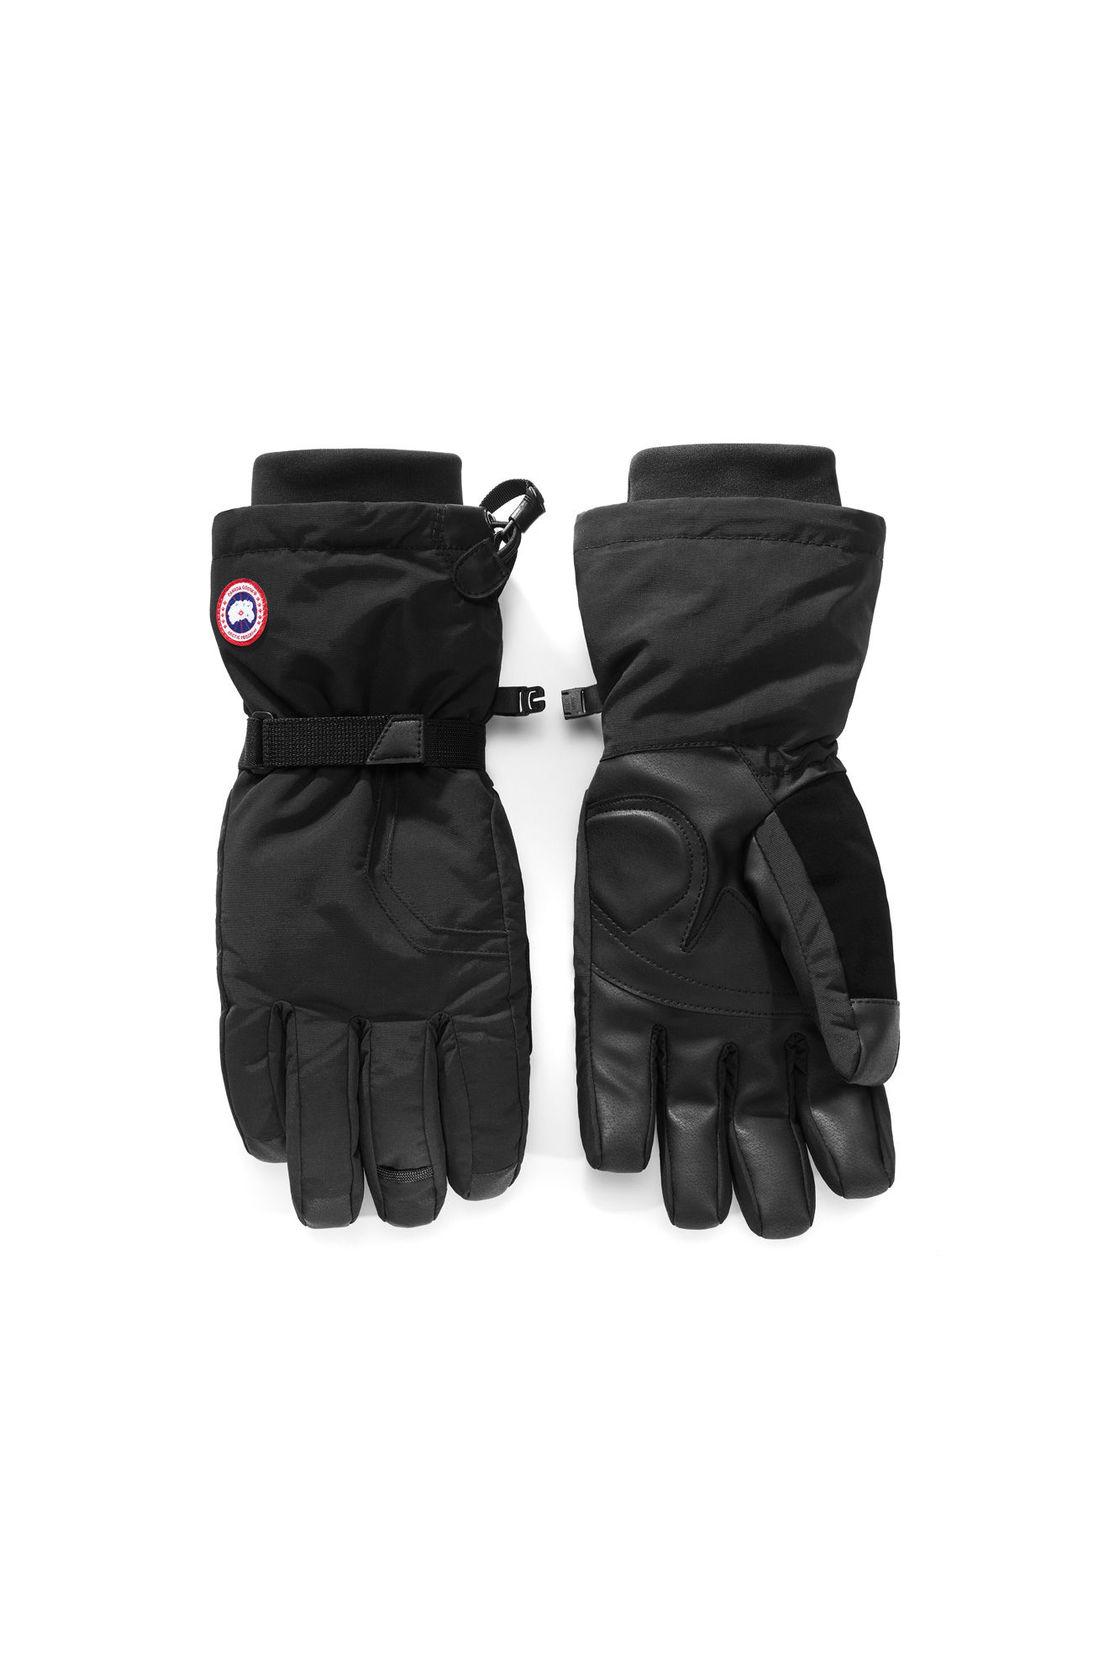 Men S Canada Goose Down Gloves Black Online Global